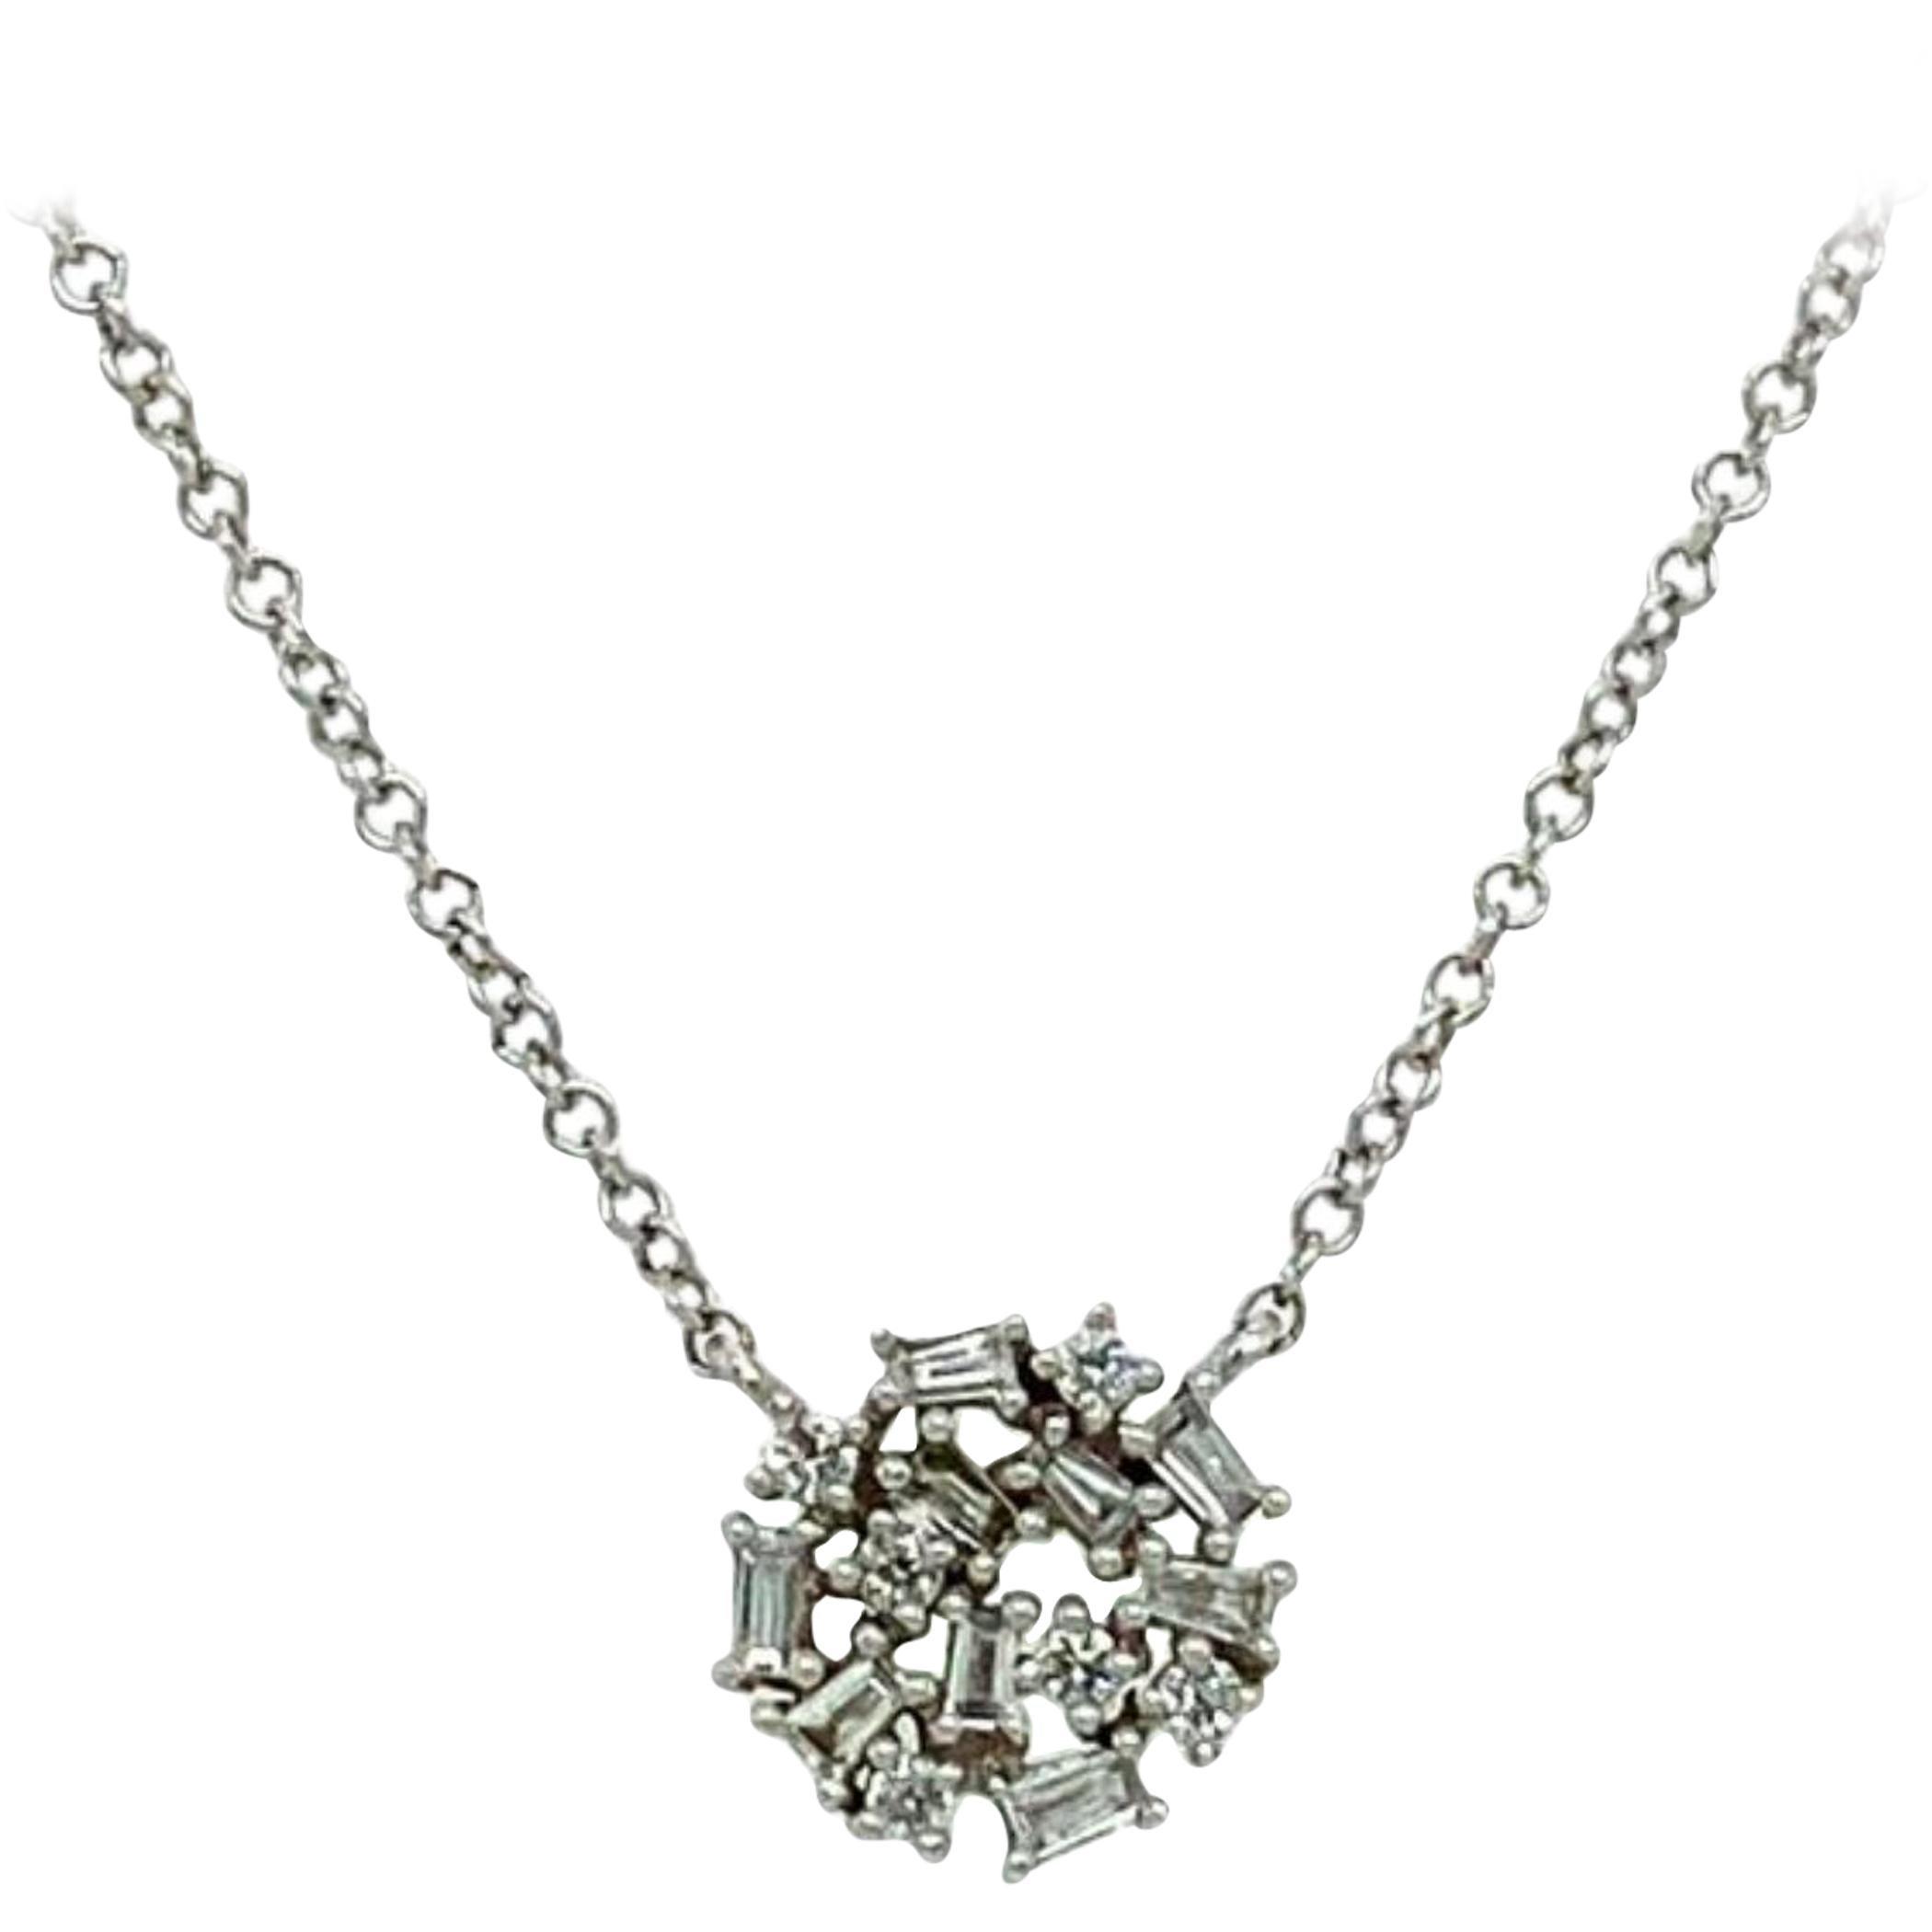 Pavee Diamond Pendant Necklace